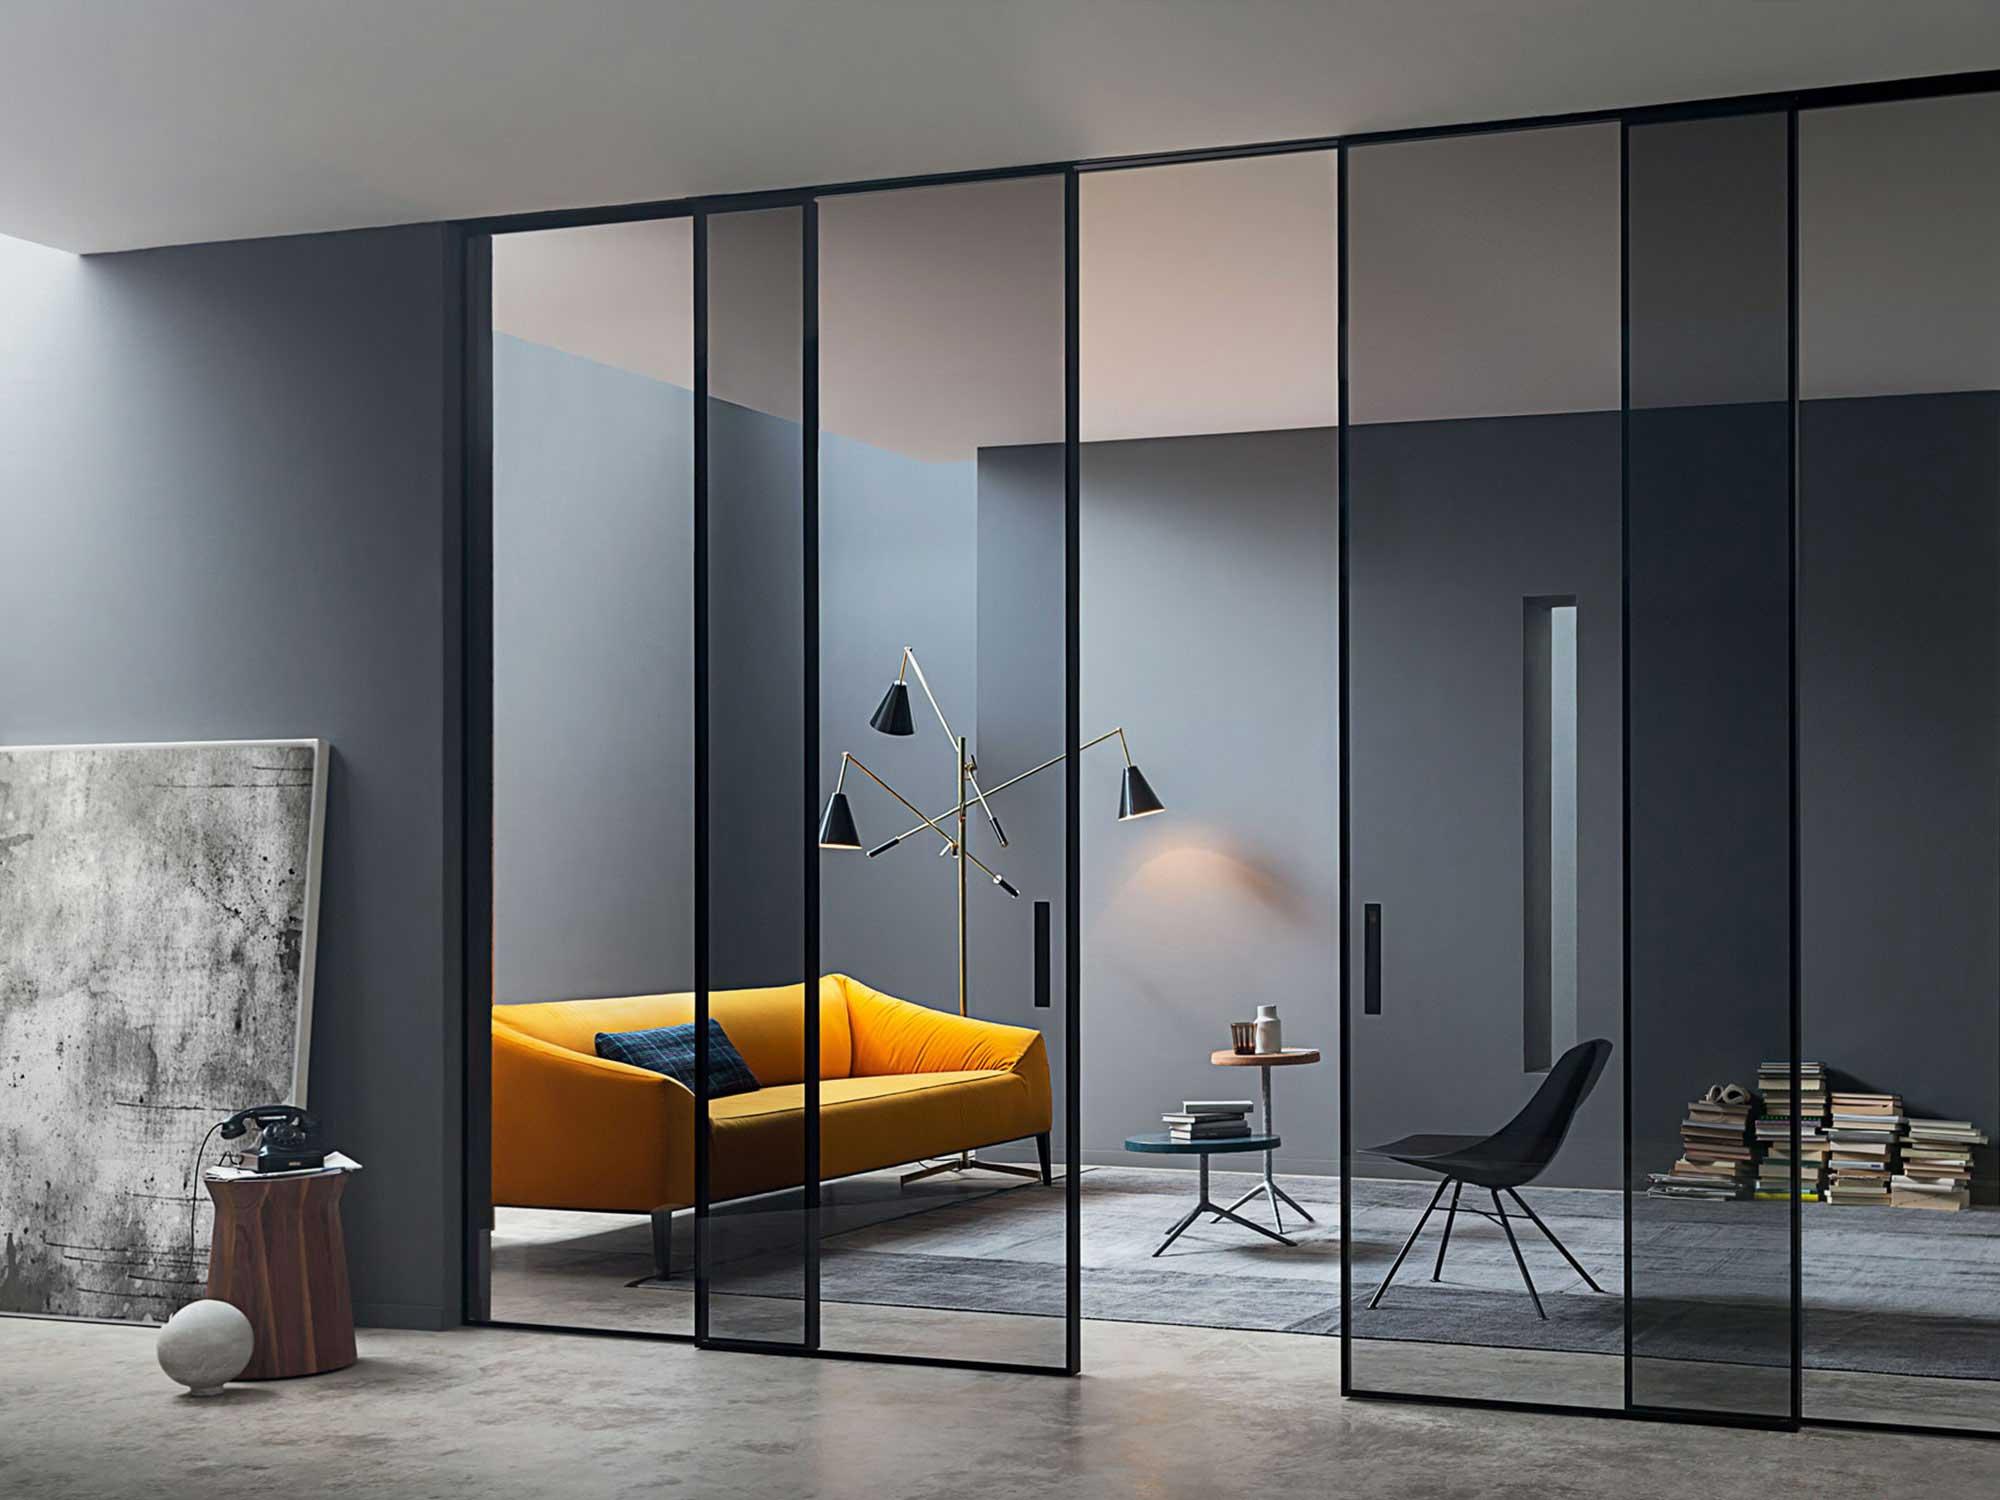 Porte Per Interni Lecce.D Absolute Design Arredamento D Interni Architettura E